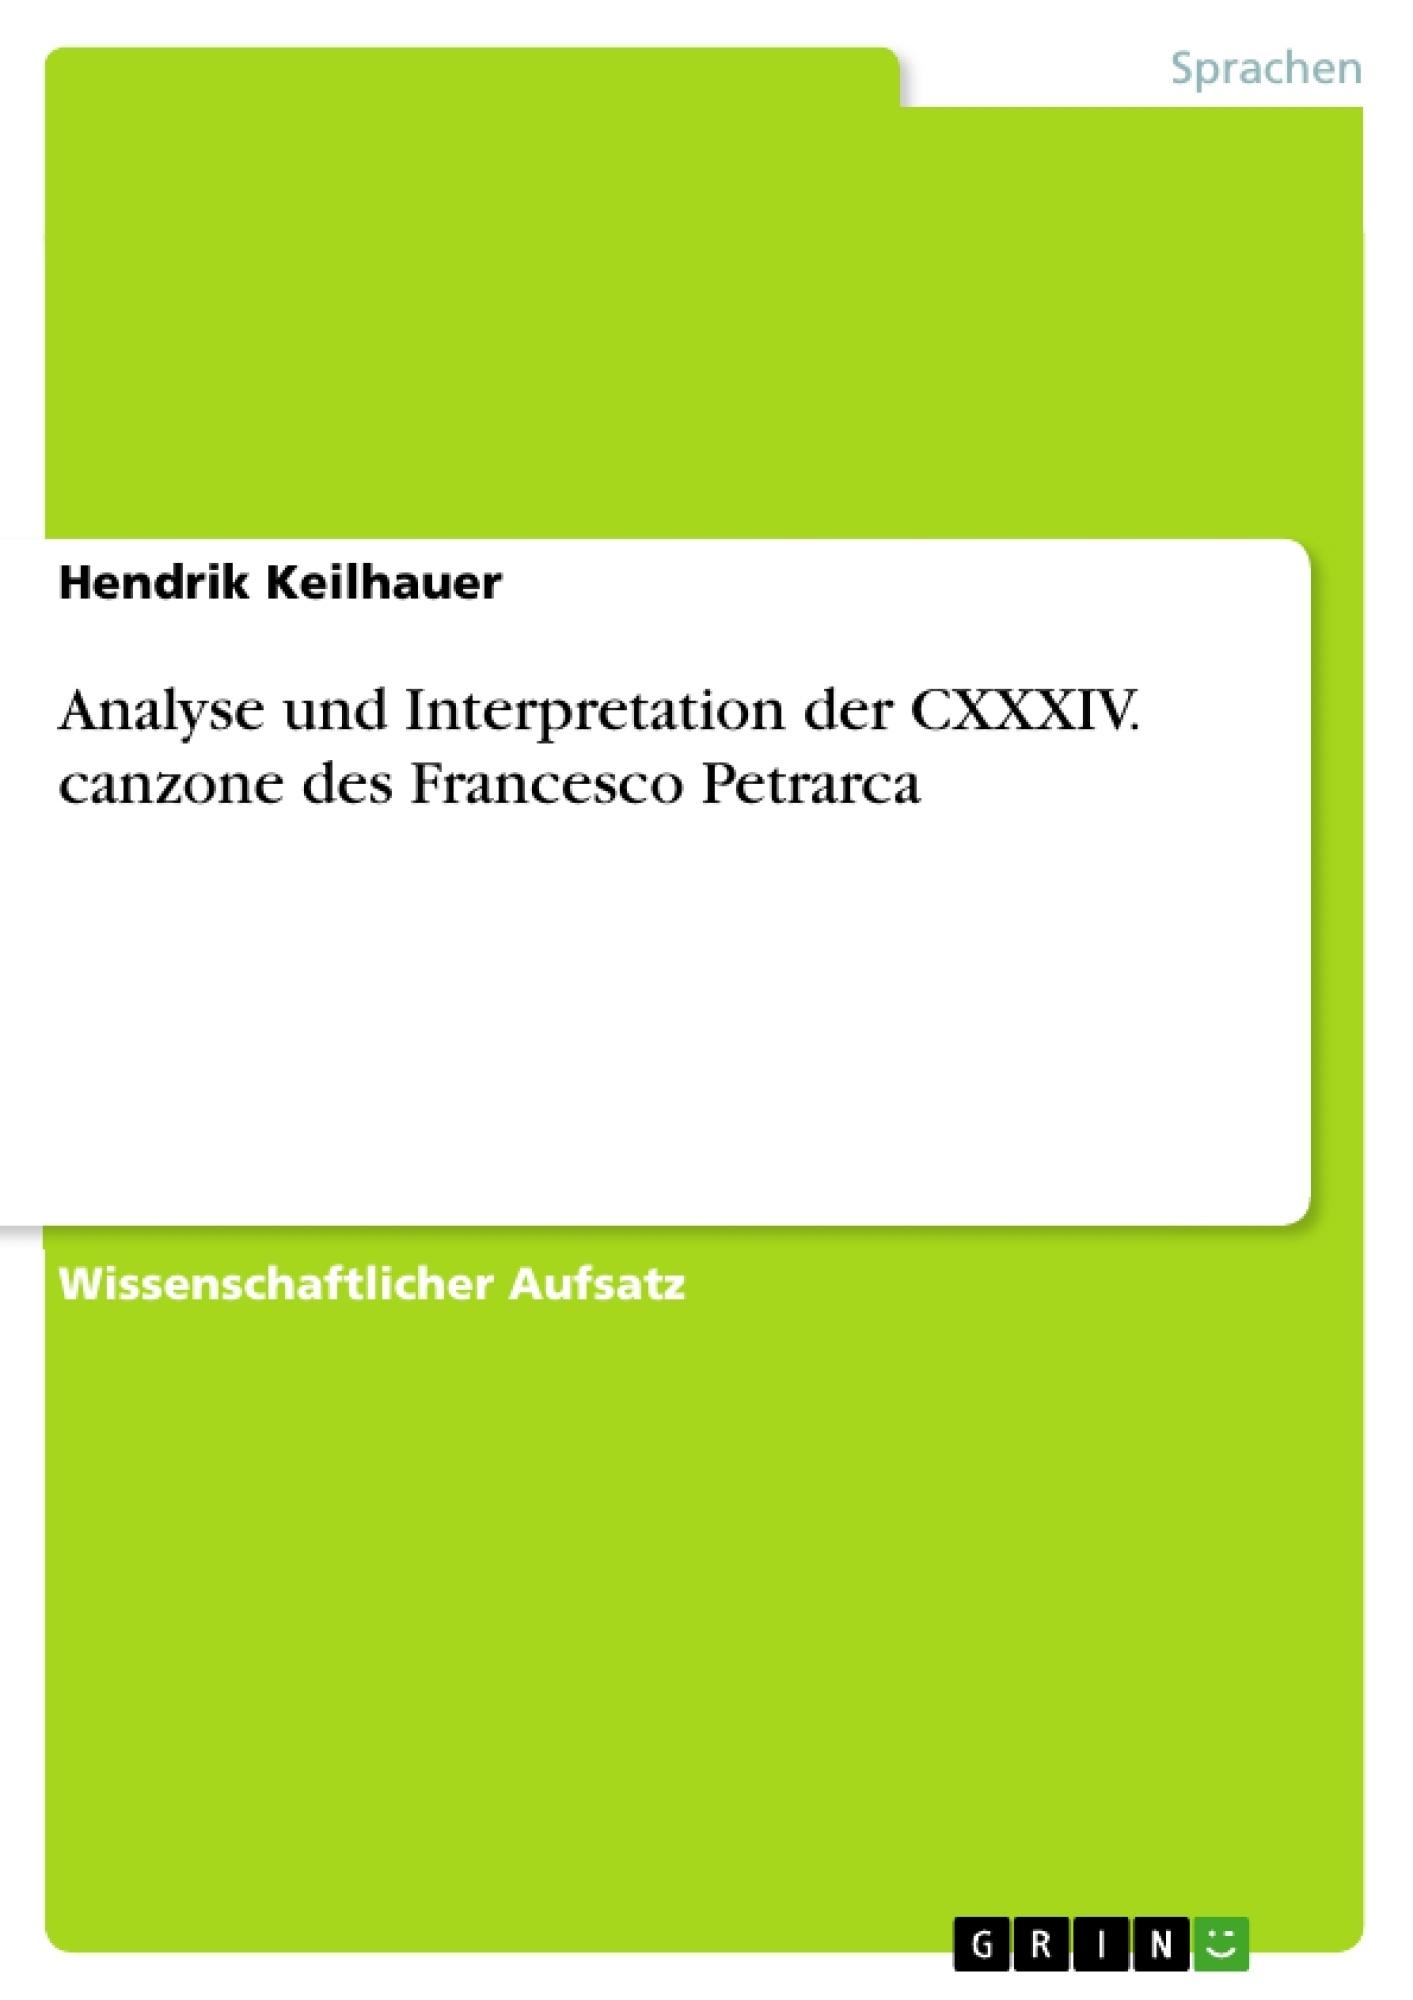 Titel: Analyse und Interpretation der CXXXIV. canzone des Francesco Petrarca